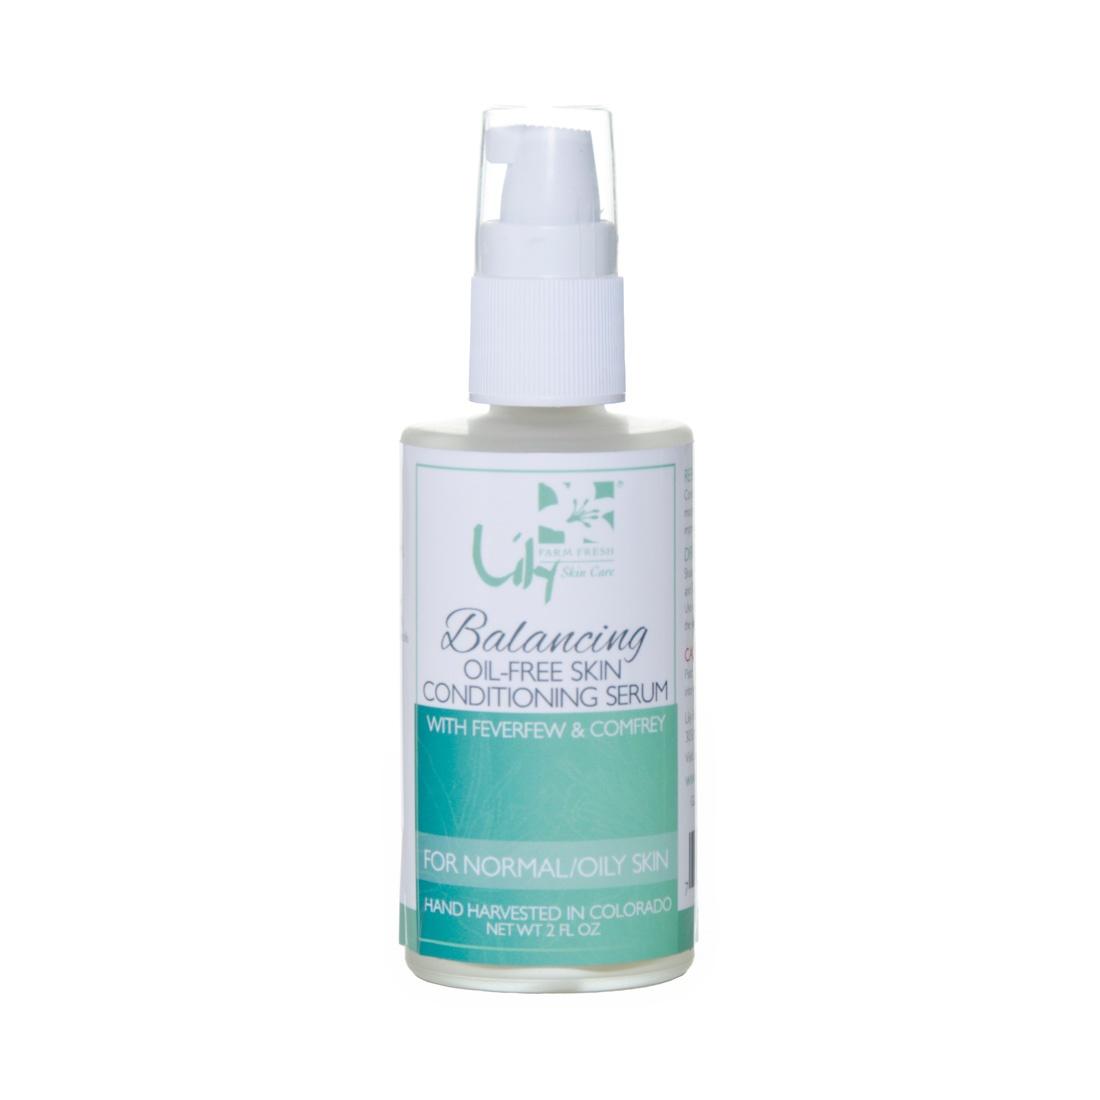 Balancing Oil-Free Skin Conditioning Serum